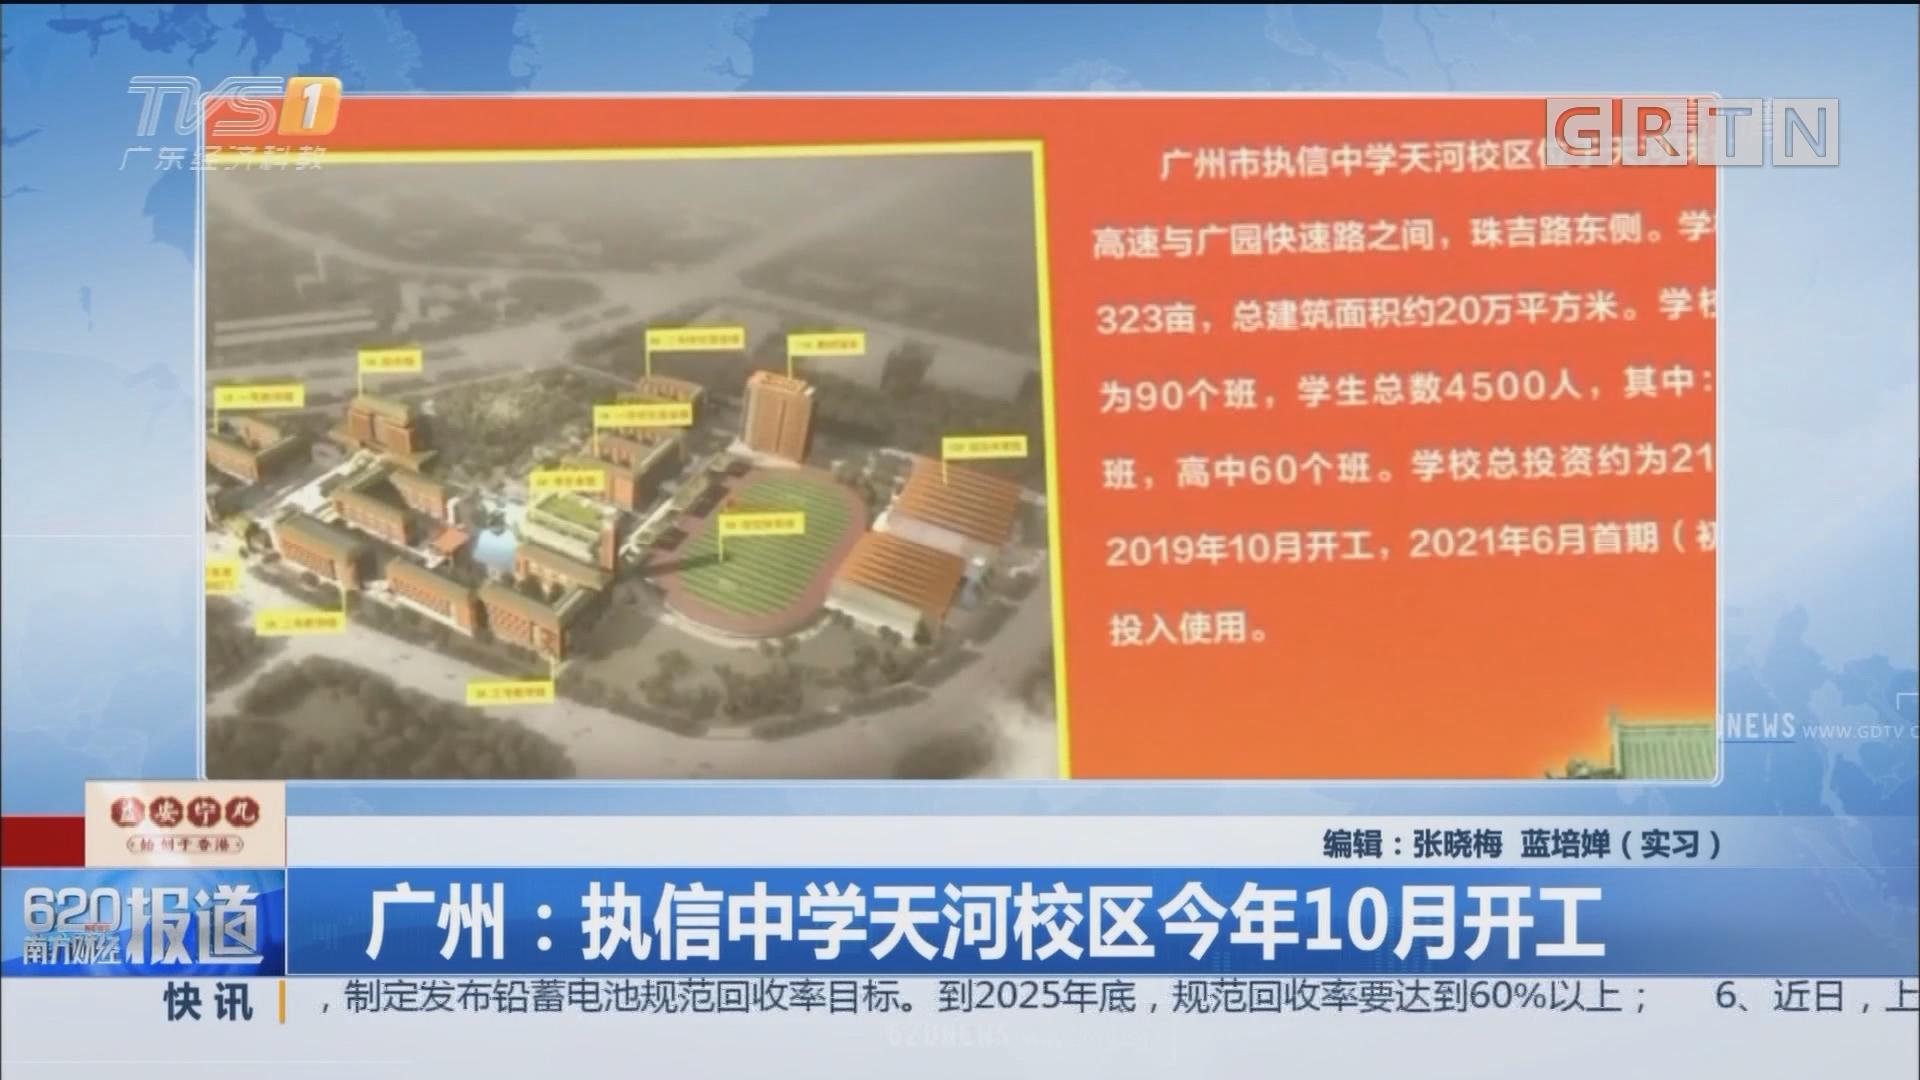 广州:执信中学天河校区今年10月开工